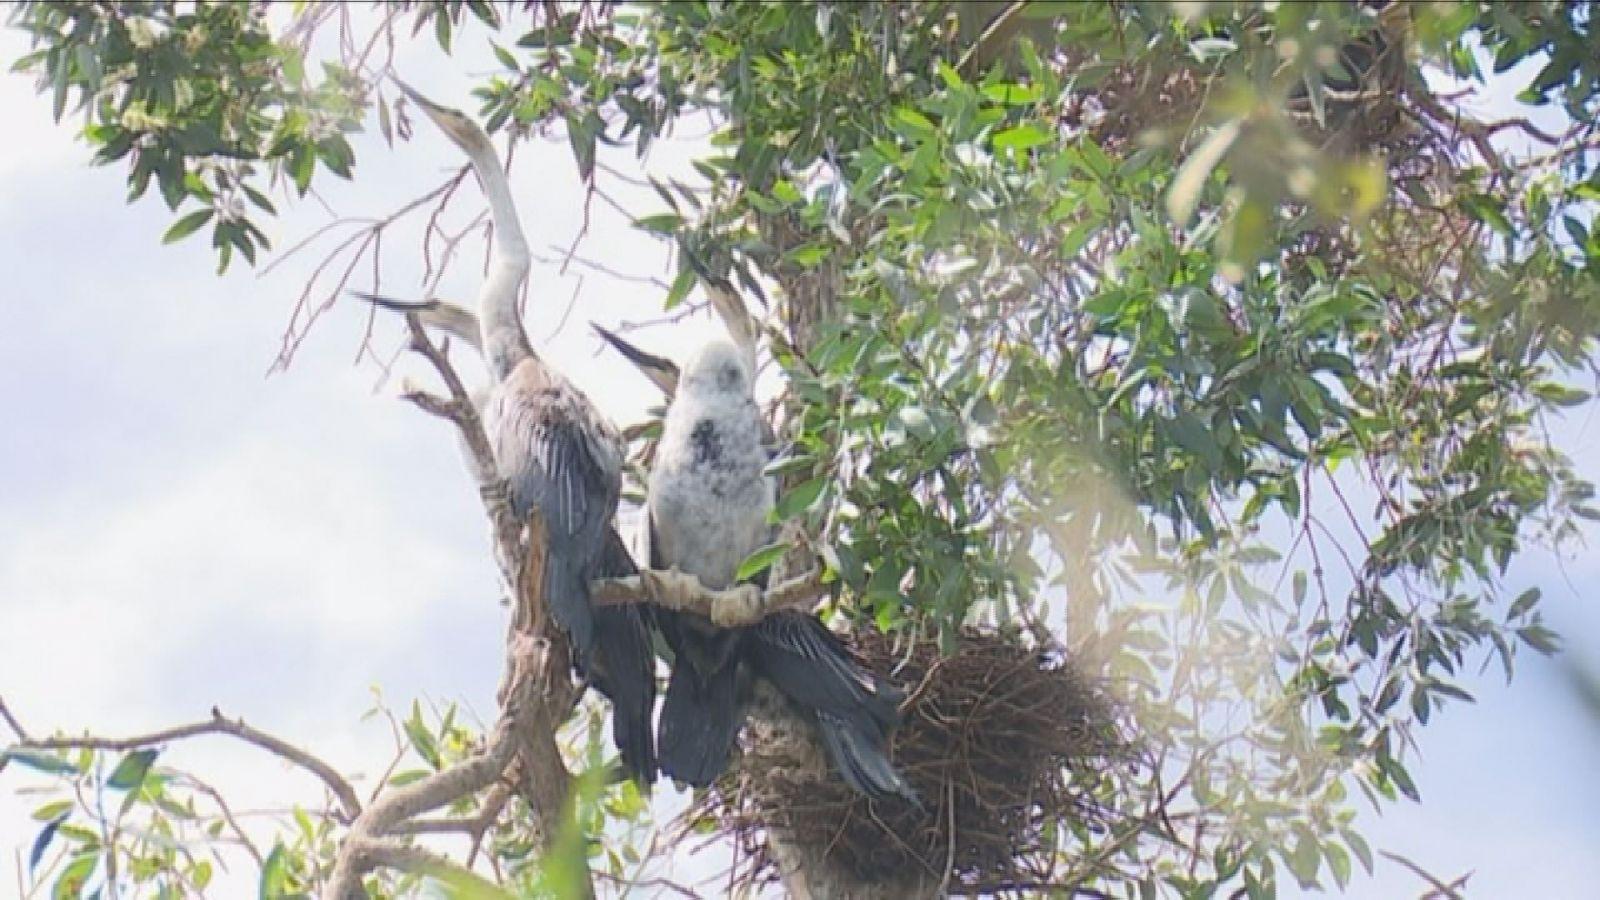 Chim làm tổ trên ngọn tràm ở Vườn Quốc gia Tràm Chim